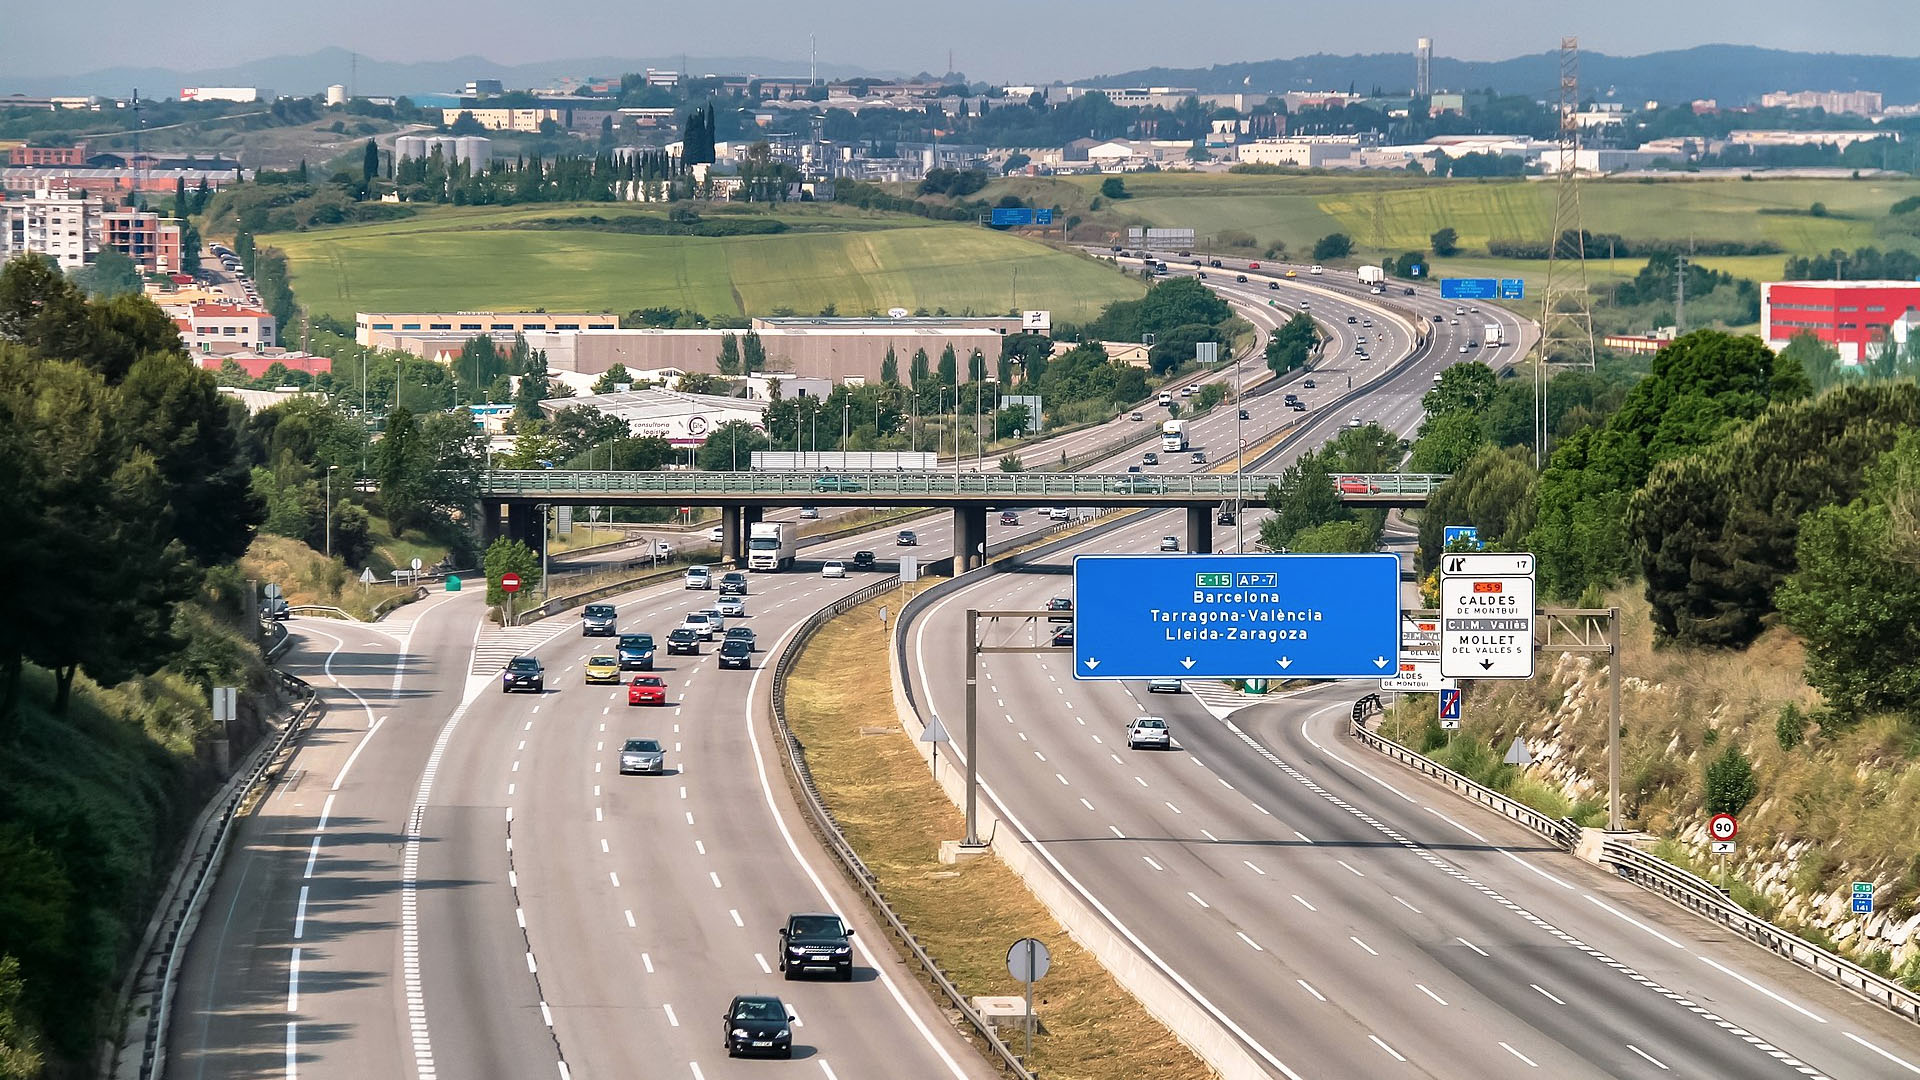 Gratuidad Autopistas